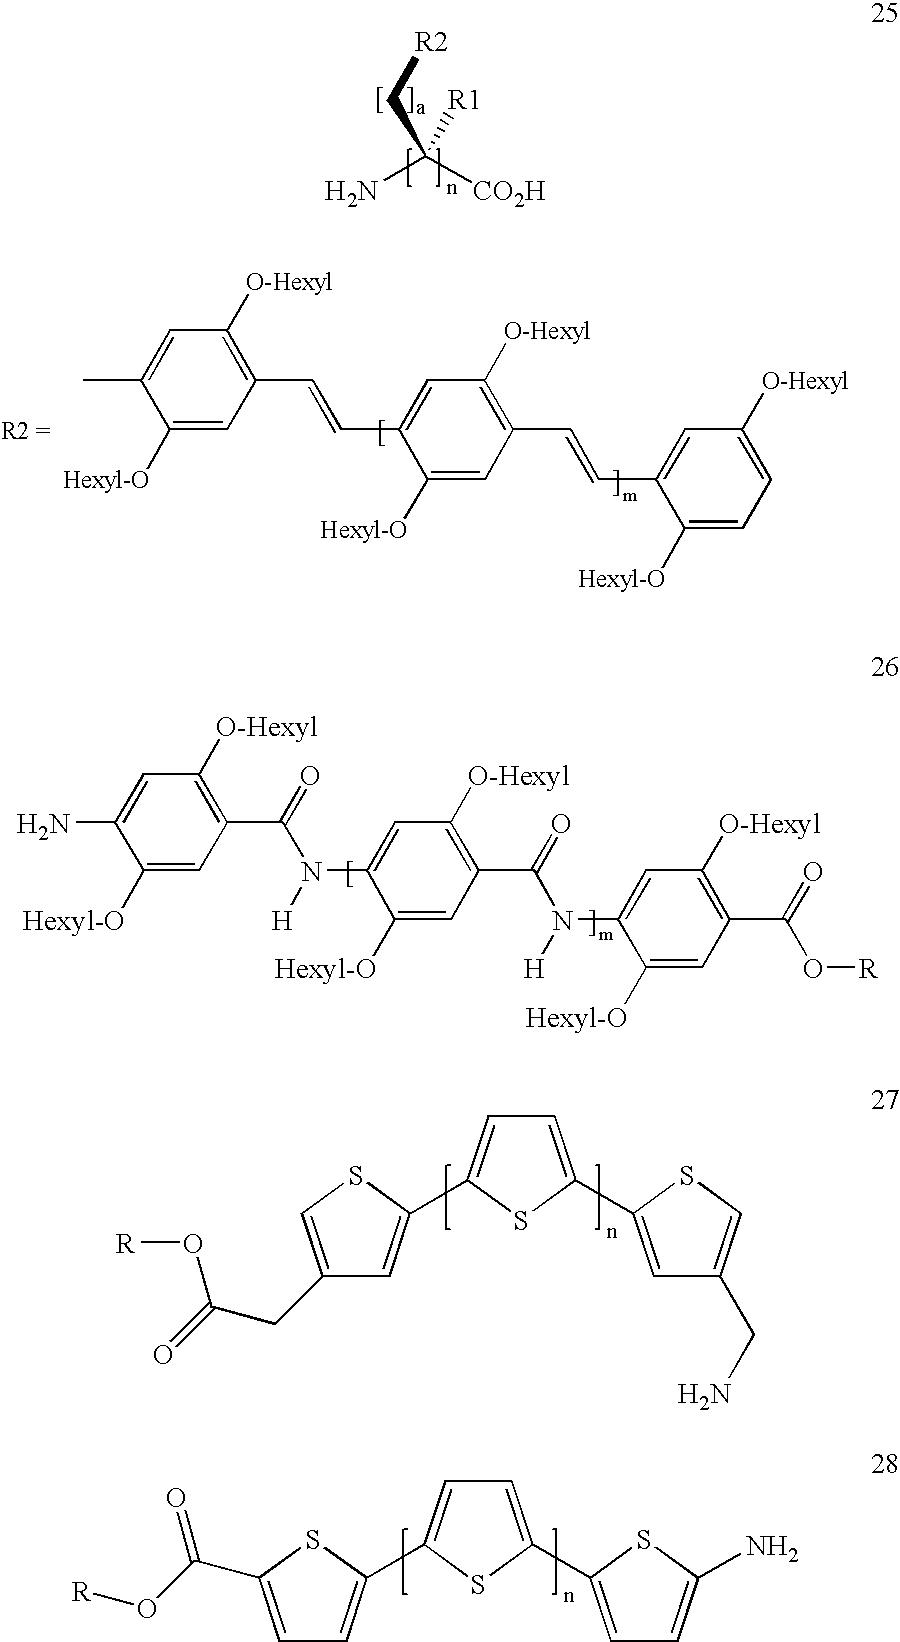 Figure US20090127515A1-20090521-C00002